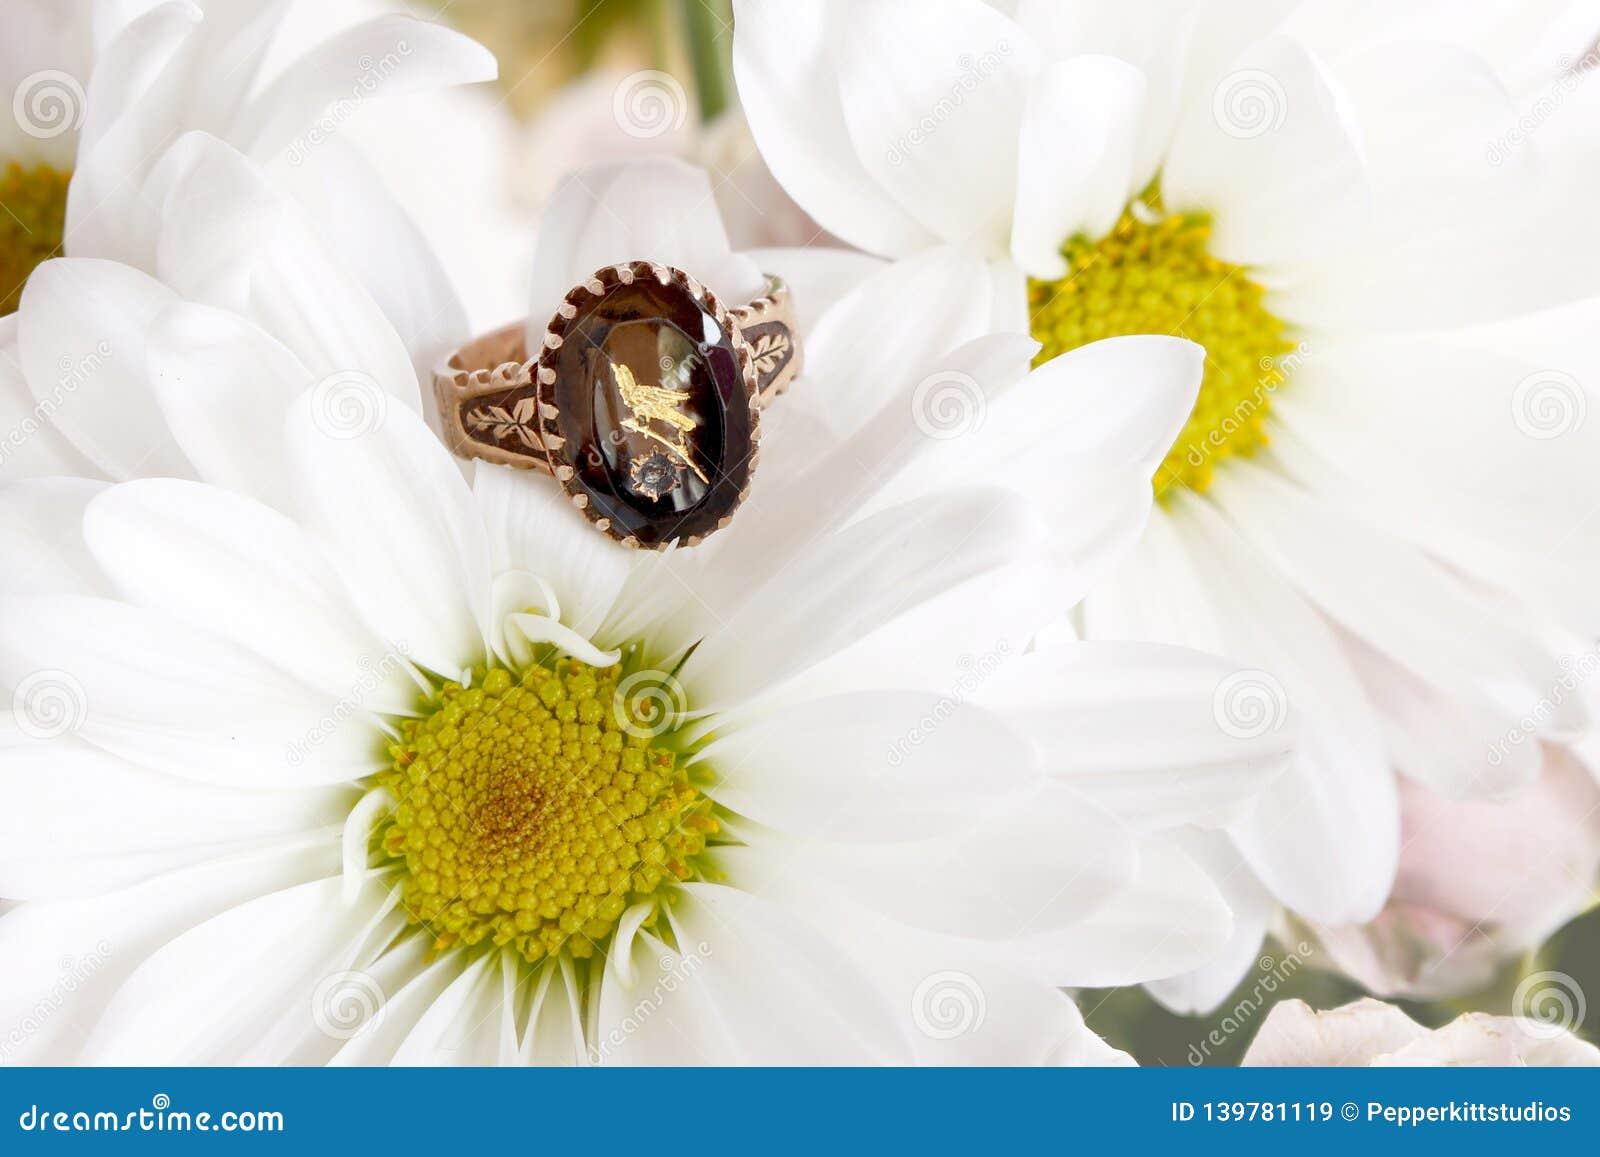 Викторианское кольцо золота Роза аметиста с вытравленной птицей на мамах маргаритки